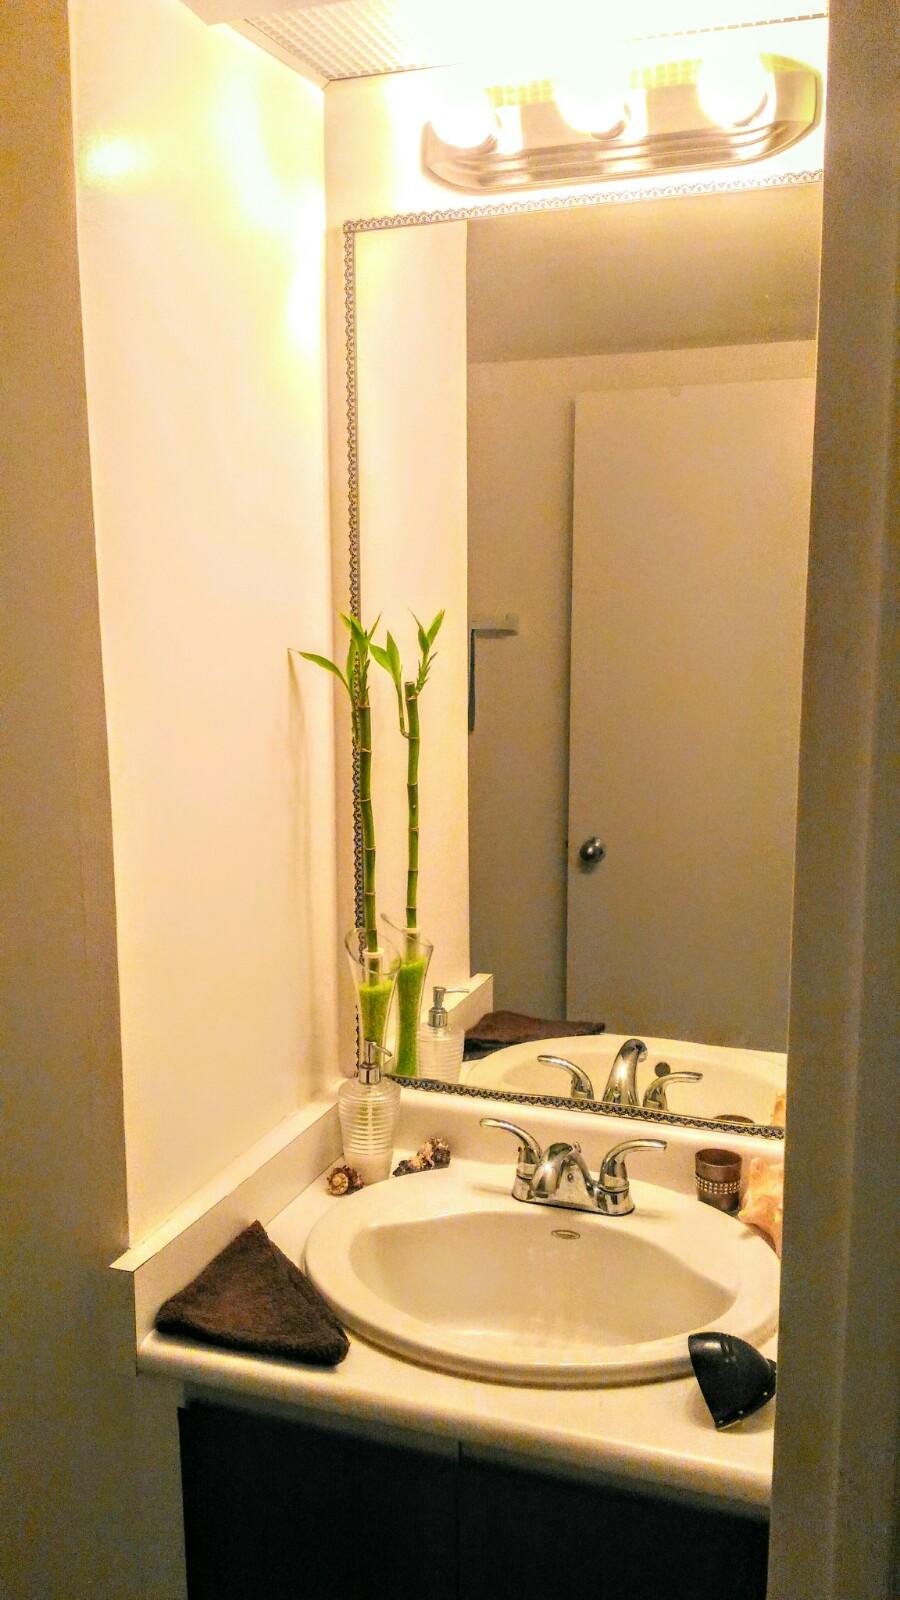 2460 Eglinton Avenue East,Scarborough,2 Bedrooms Bedrooms,2 BathroomsBathrooms,Condominium,The Rainbow ,Eglinton Avenue East,10,1010